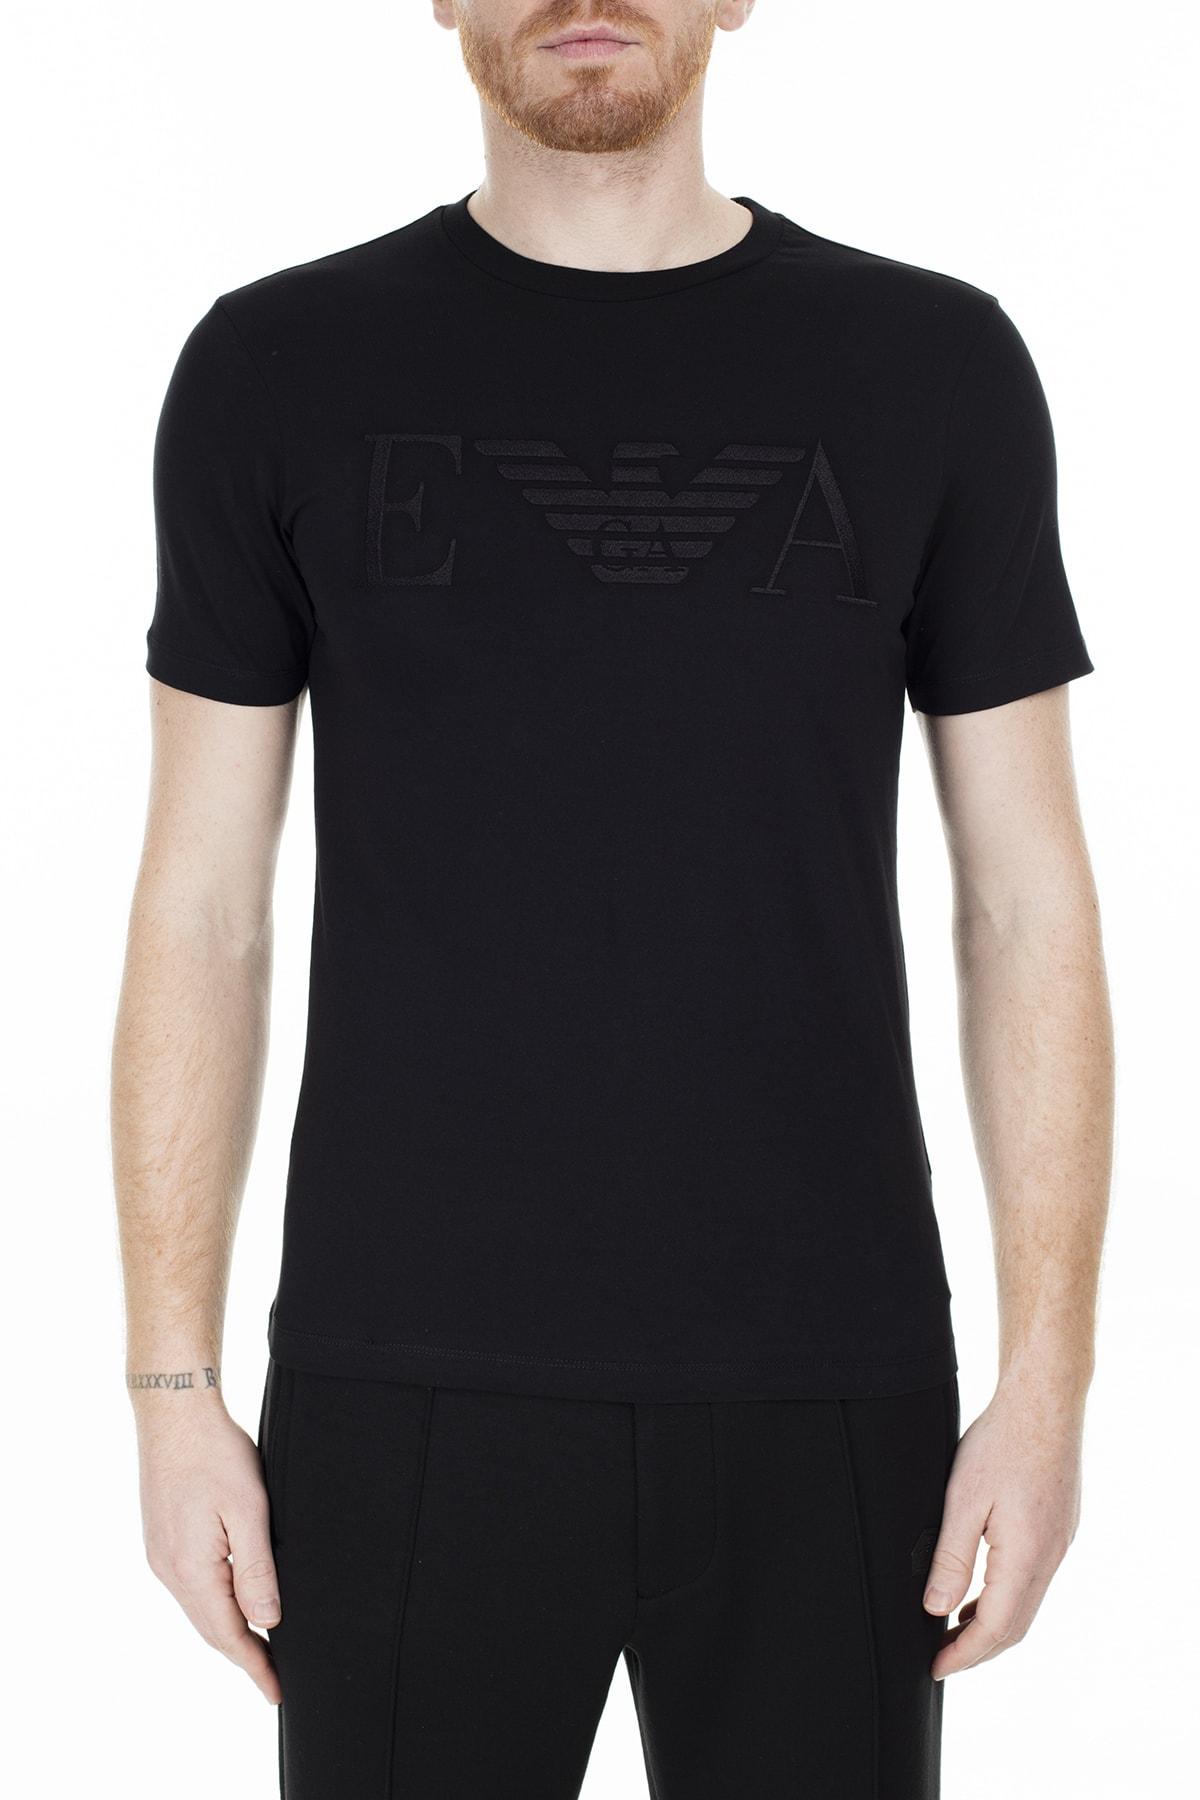 Emporio Armani T Shirt Erkek T Shirt S 6G1Tc2 1J00Z 0999 S 6G1TC2 1J00Z 0999